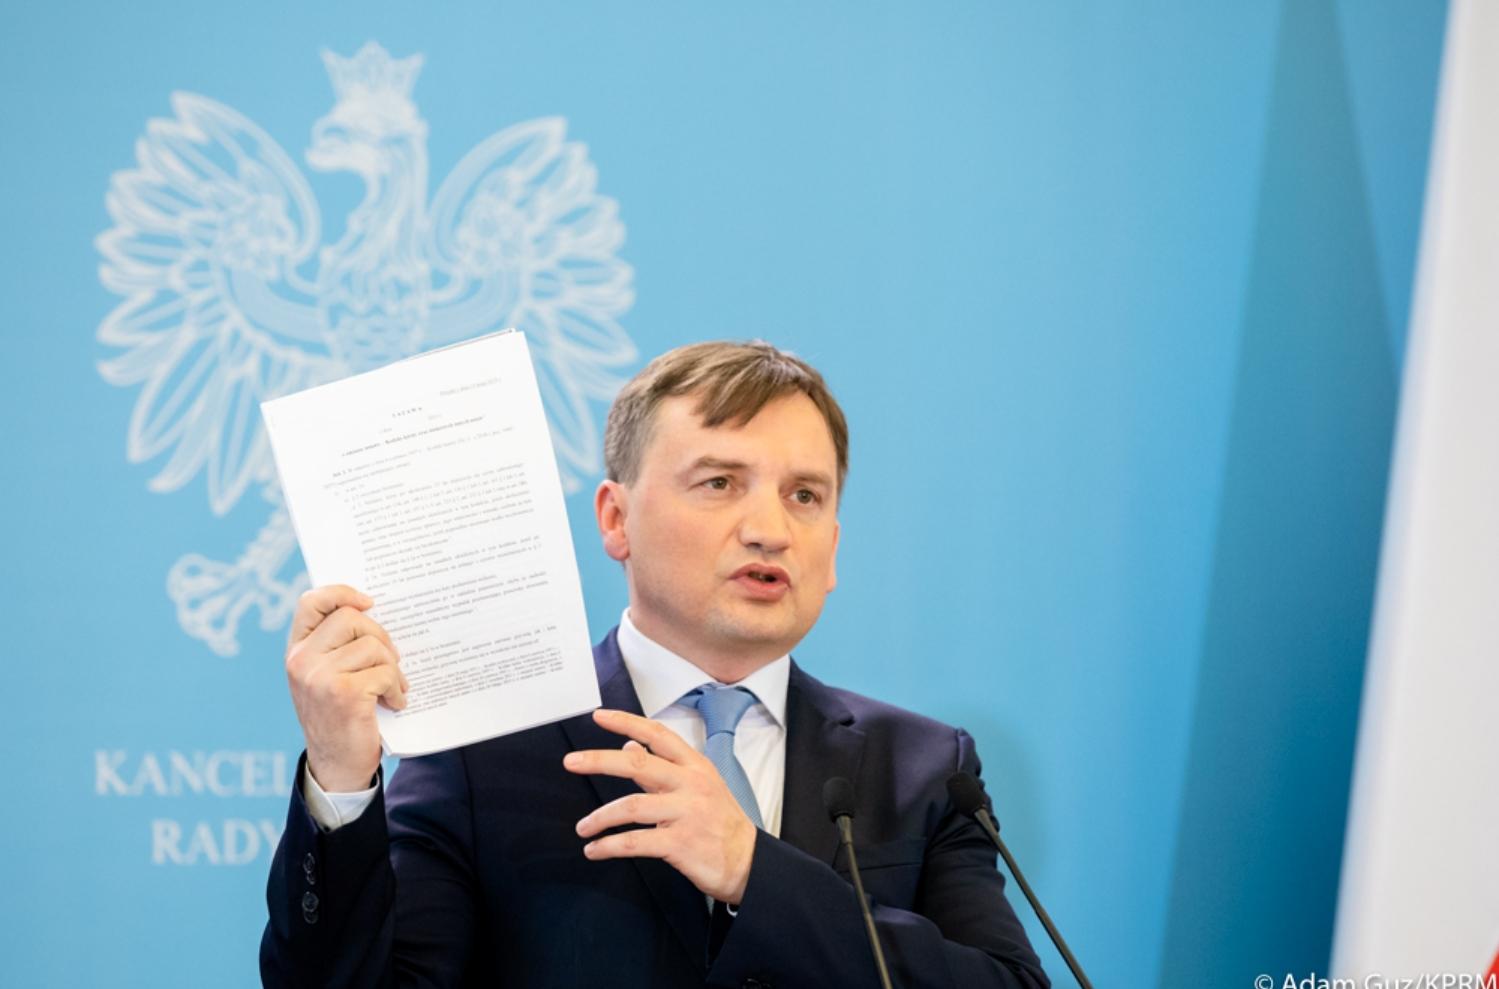 Ziobro: Osoby, które nie są posłuszne państwu polskiemu, powinny być poddane procesowi dyscyplinarnemu